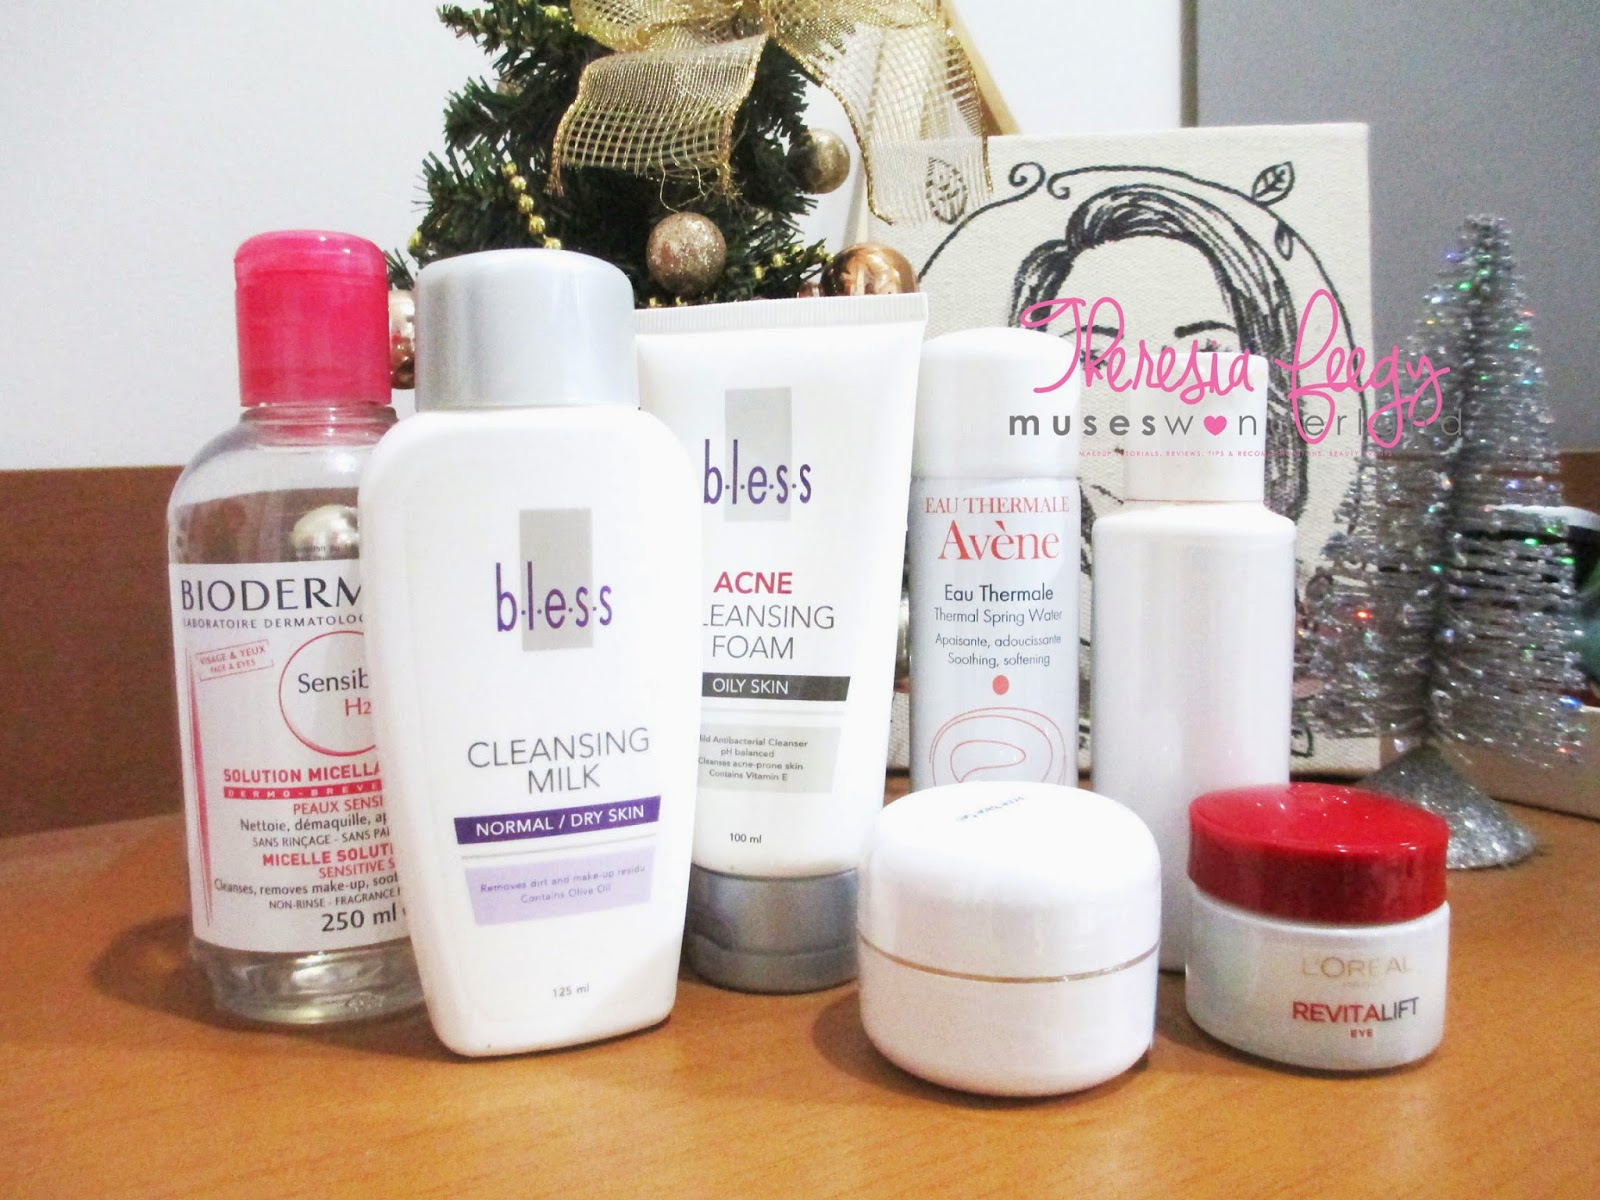 My oily acne prone skincare routine for morning and night. How i cure and healed my acne. Rutinitas perawatan wajah di pagi dan malam hari. Perawatan wajah di rumah untuk kulit berminyak dan berjerawat.